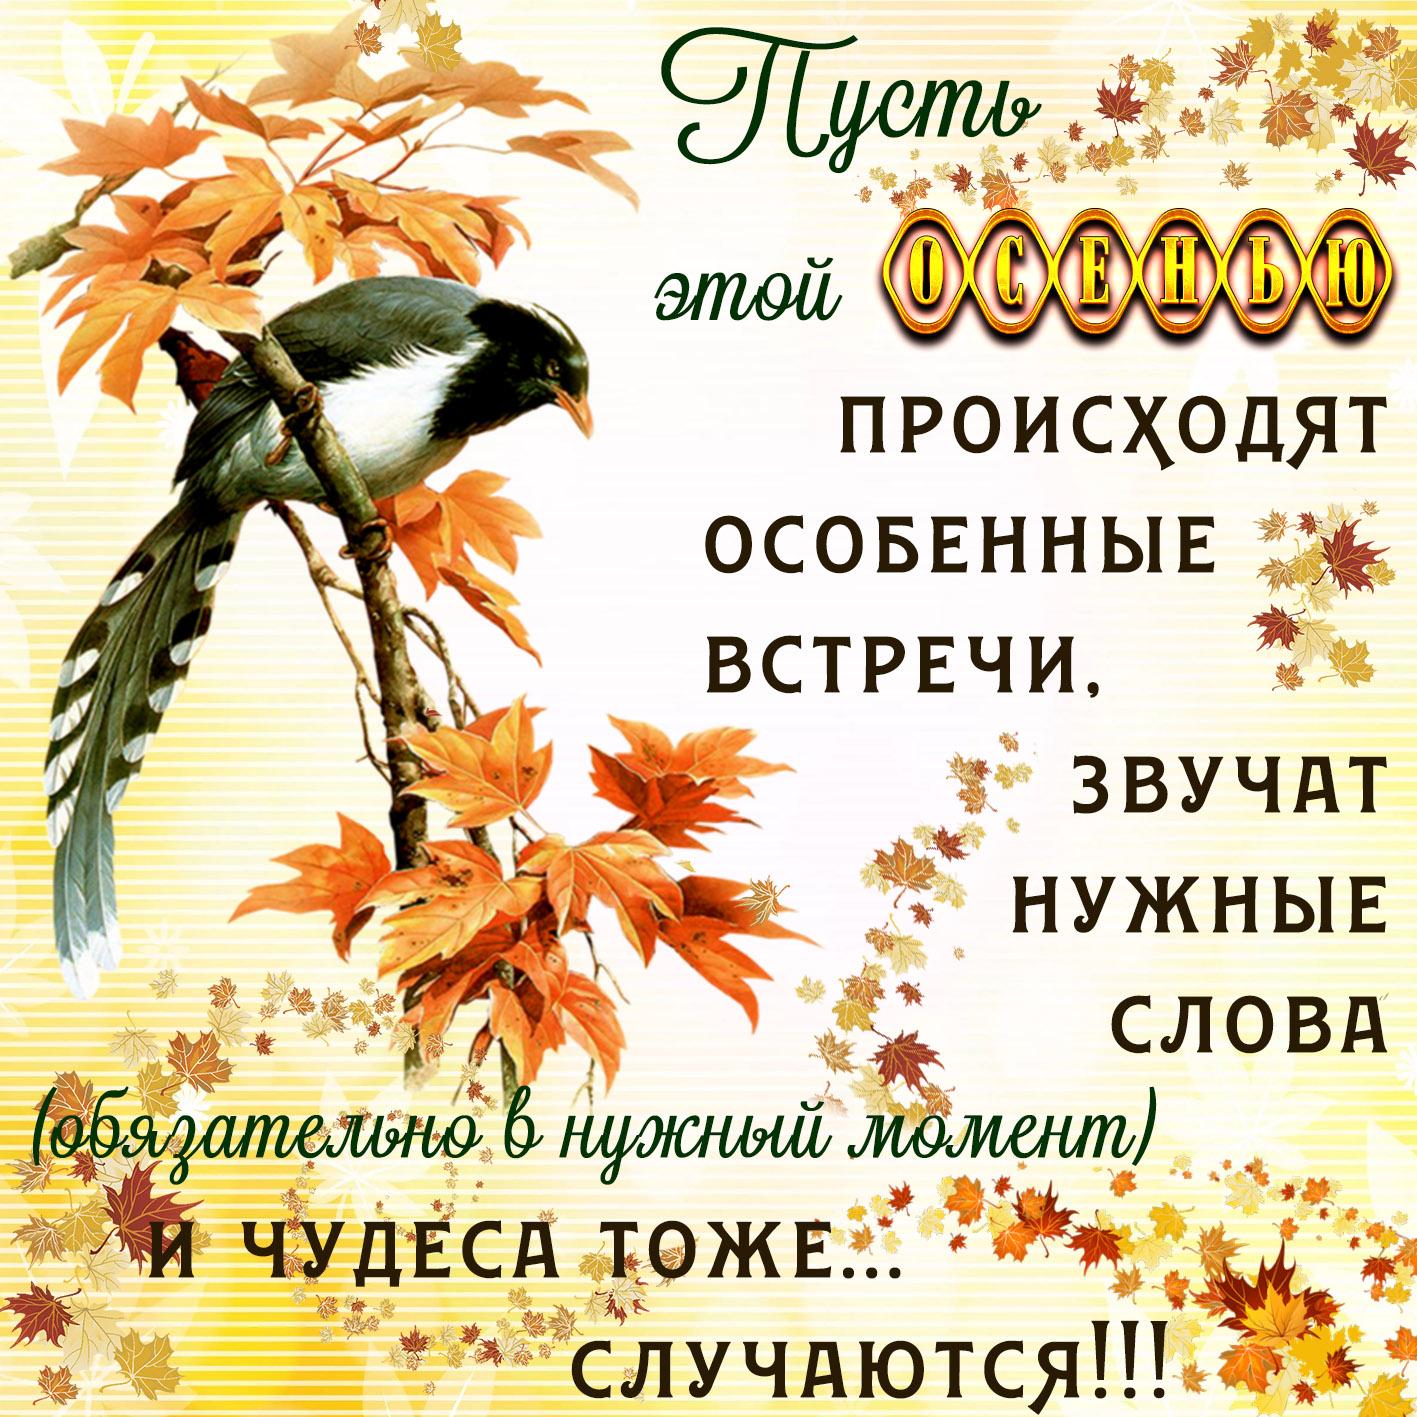 Днем, красивые открытки с пожеланием осени